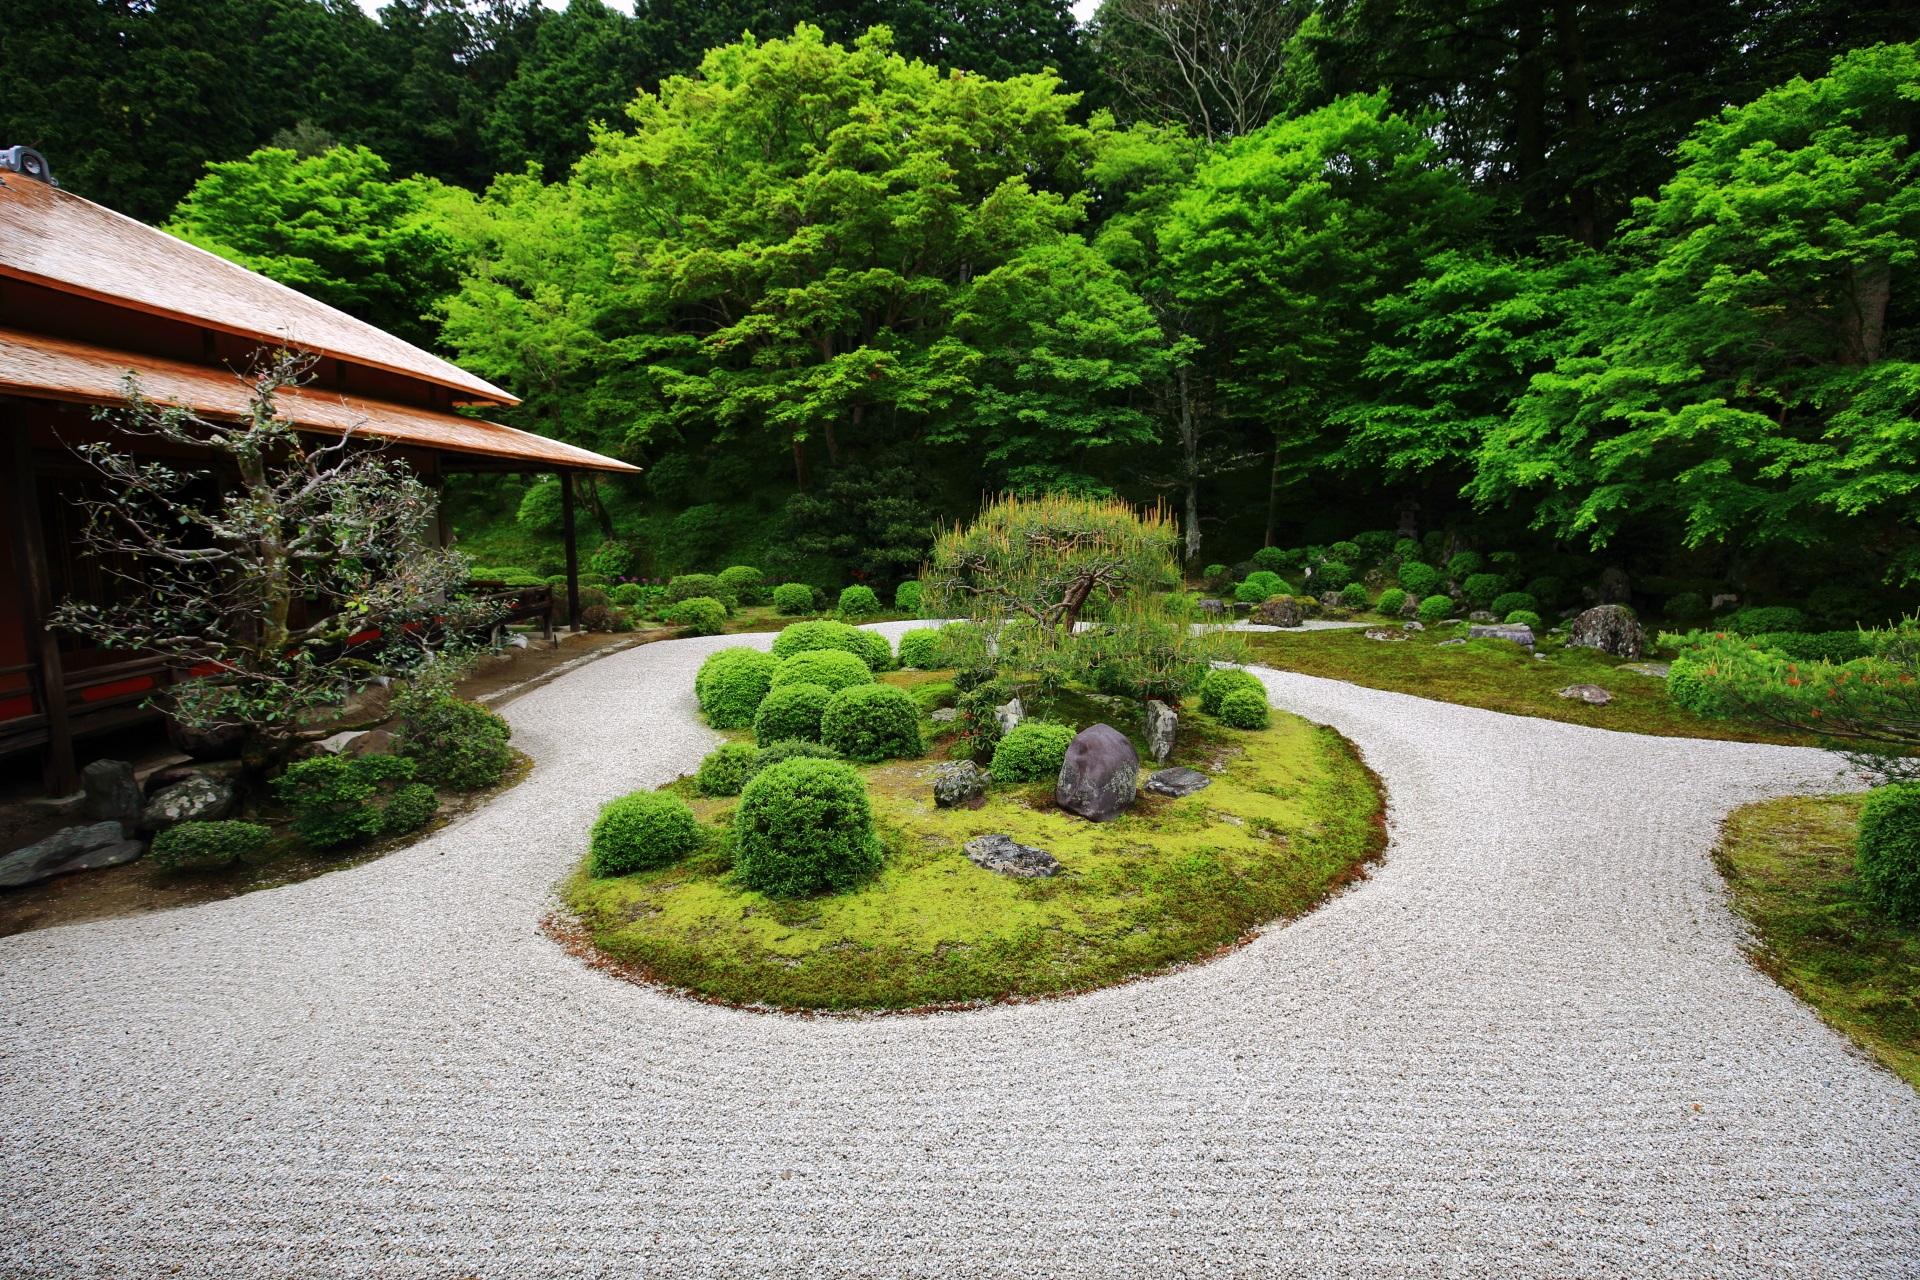 曼殊院 新緑と青もみじ 白砂の庭園を彩る鮮やかな緑